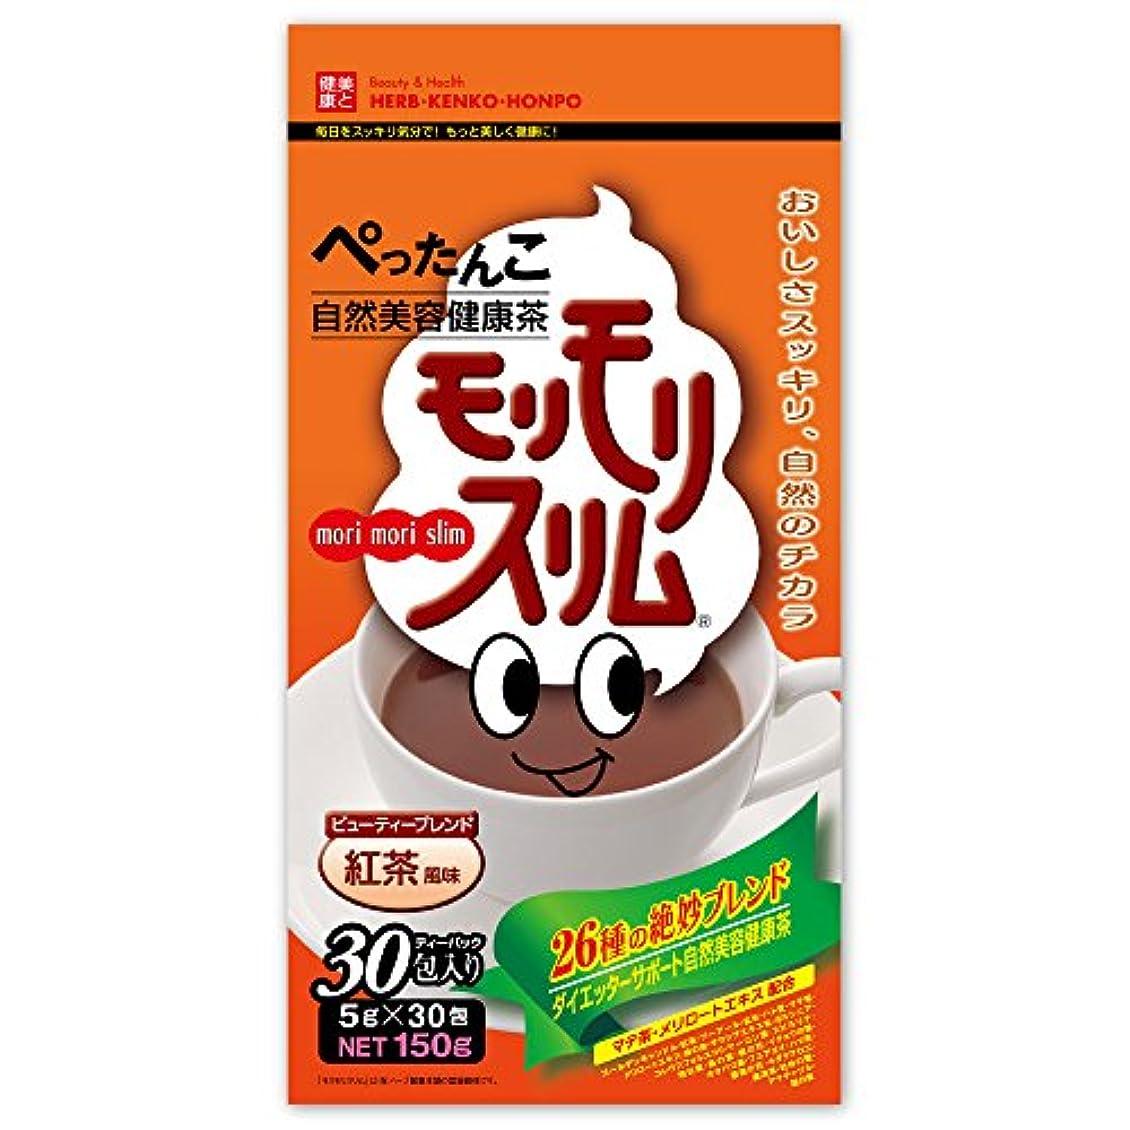 ステージ生息地スイハーブ健康本舗 モリモリスリム(紅茶風味) (30包)